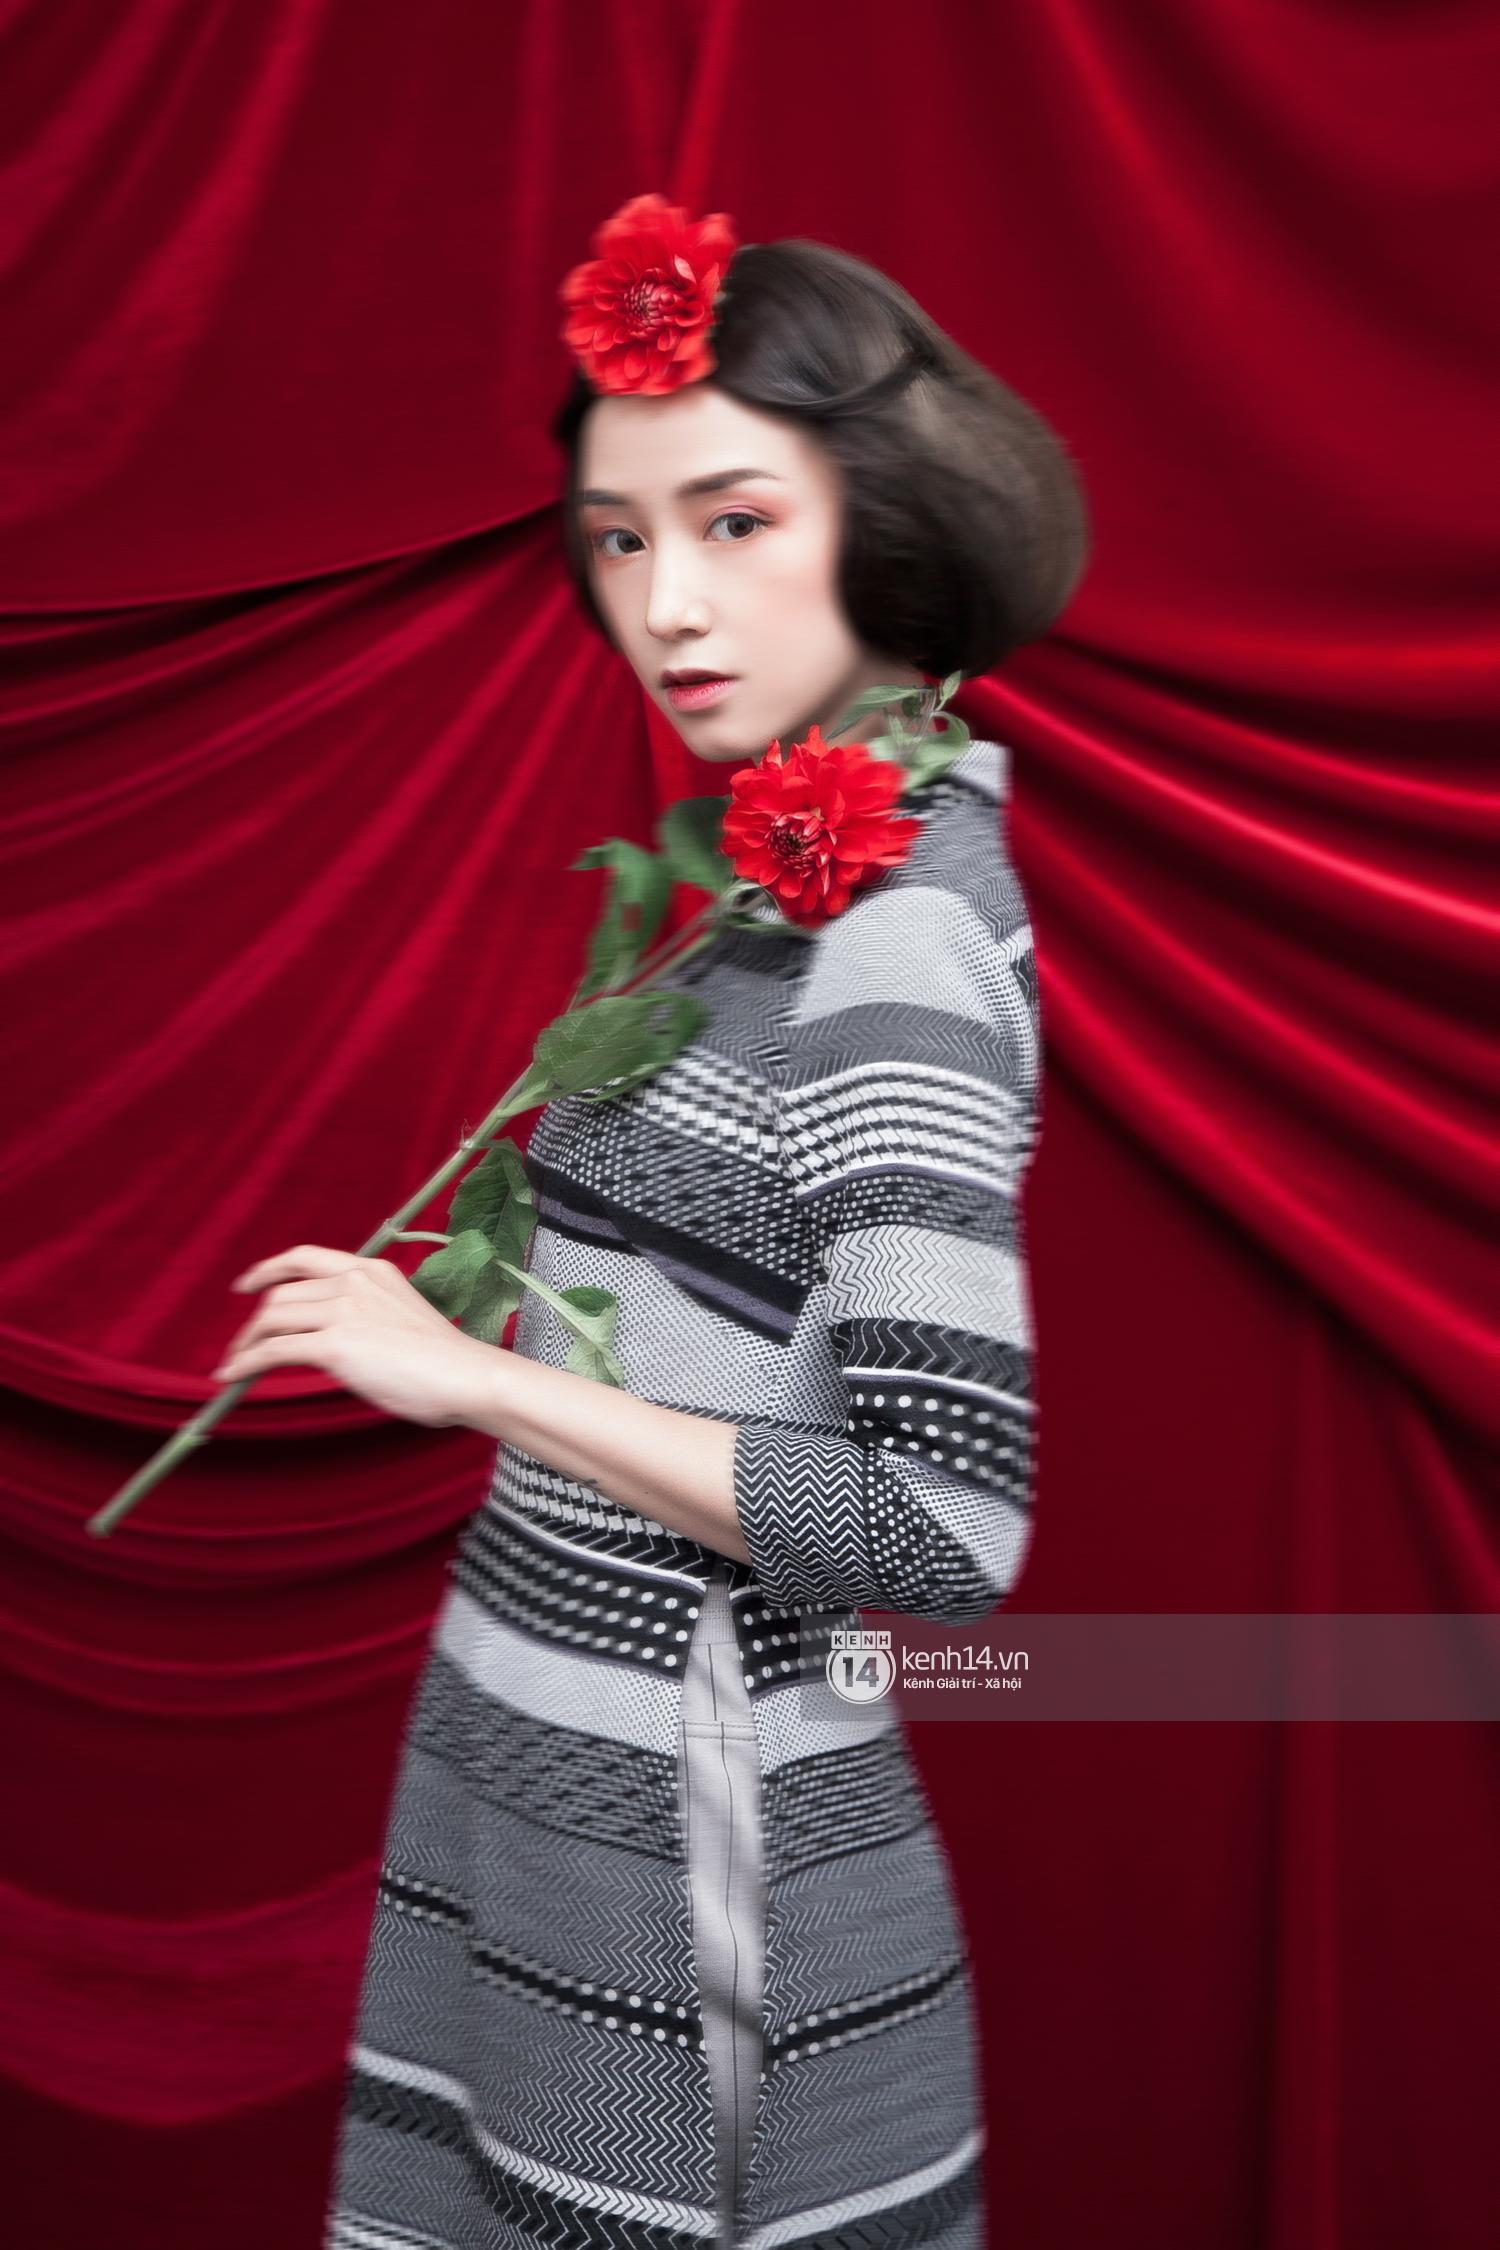 3 nàng hot girl Salim, Sun HT, Lê Vi xinh lạ trong những mẫu áo dài cách tân độc đáo - Ảnh 4.